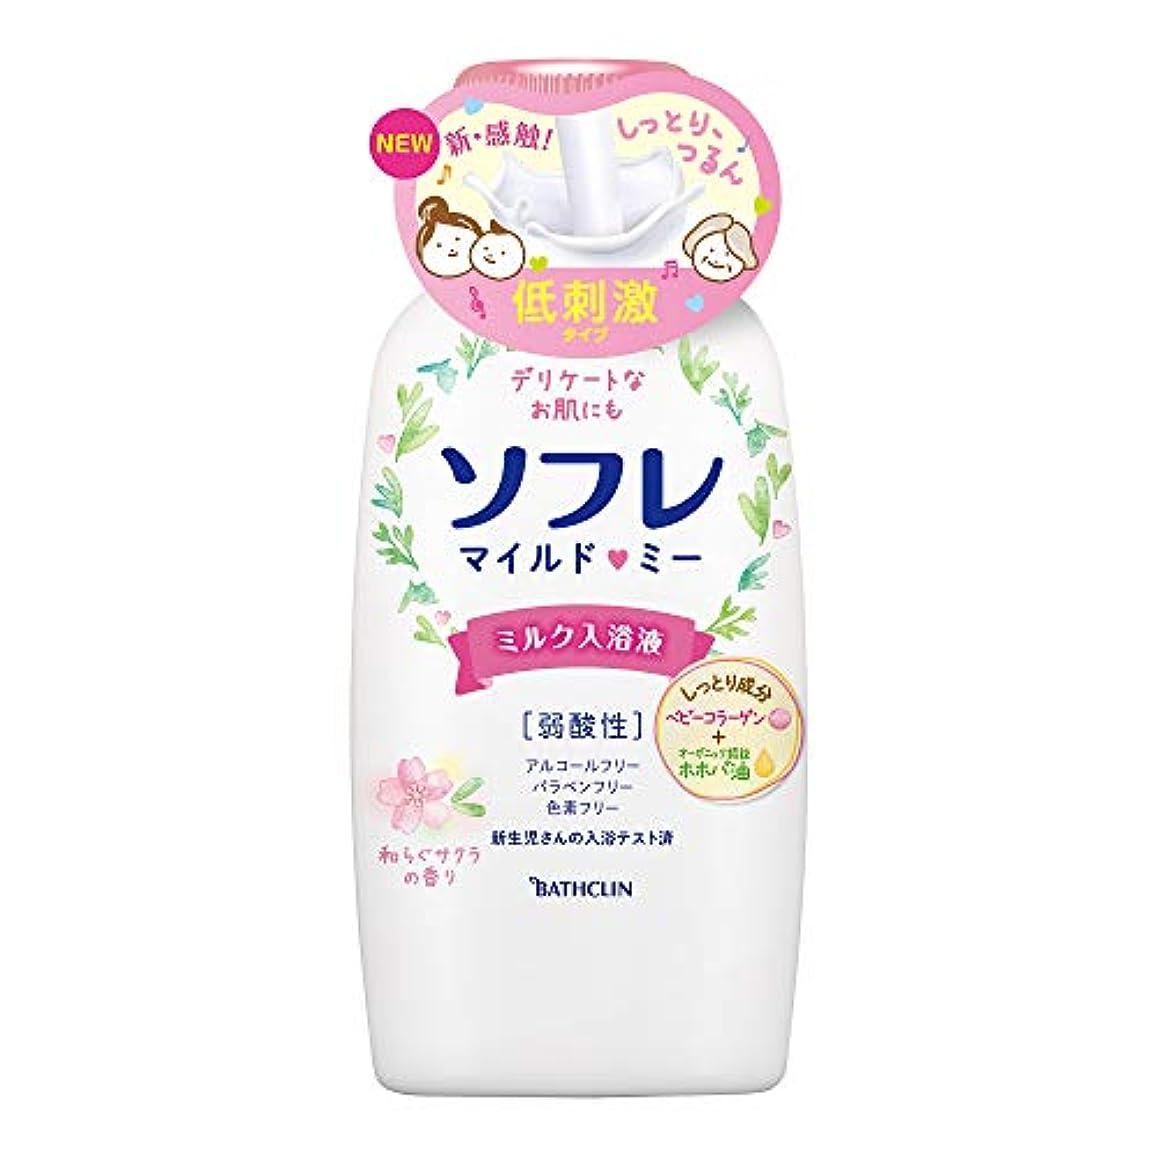 投資価格ウナギバスクリン ソフレ入浴液 マイルド?ミー ミルク 和らぐサクラの香り 本体720mL保湿 成分配合 赤ちゃんと一緒に使えます。